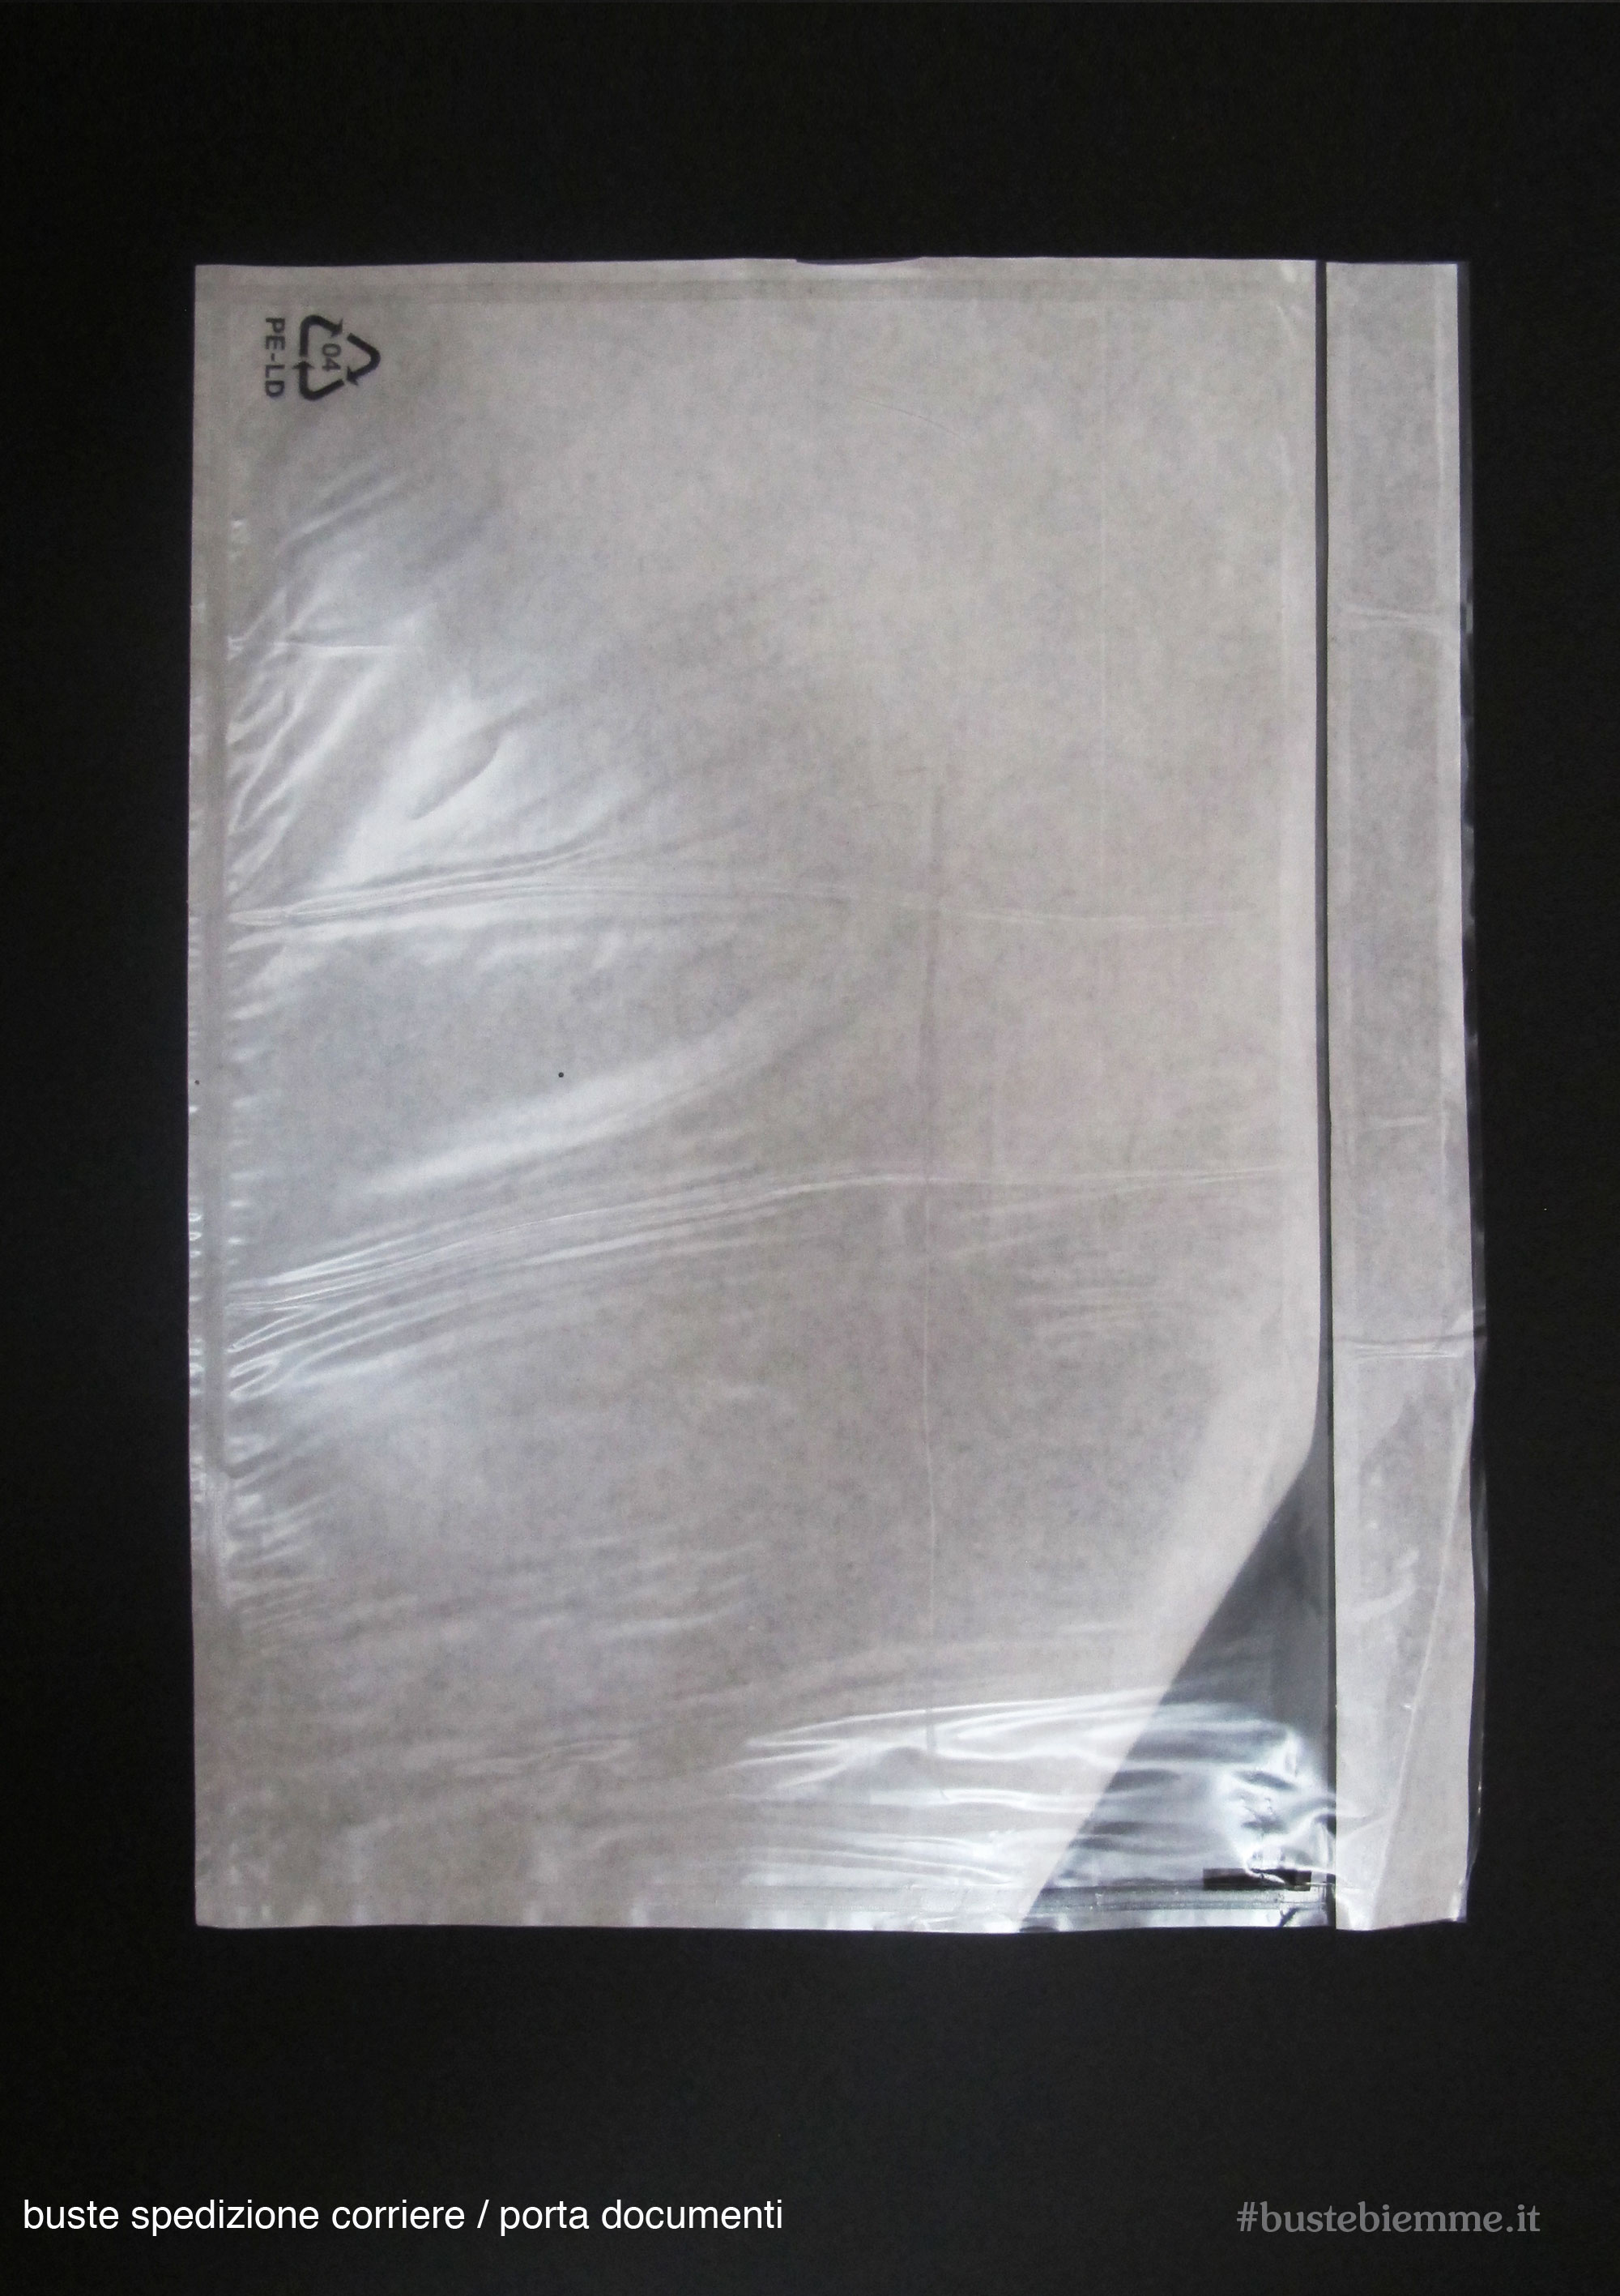 busta portadocumenti impermeabile per spedizione con corriere